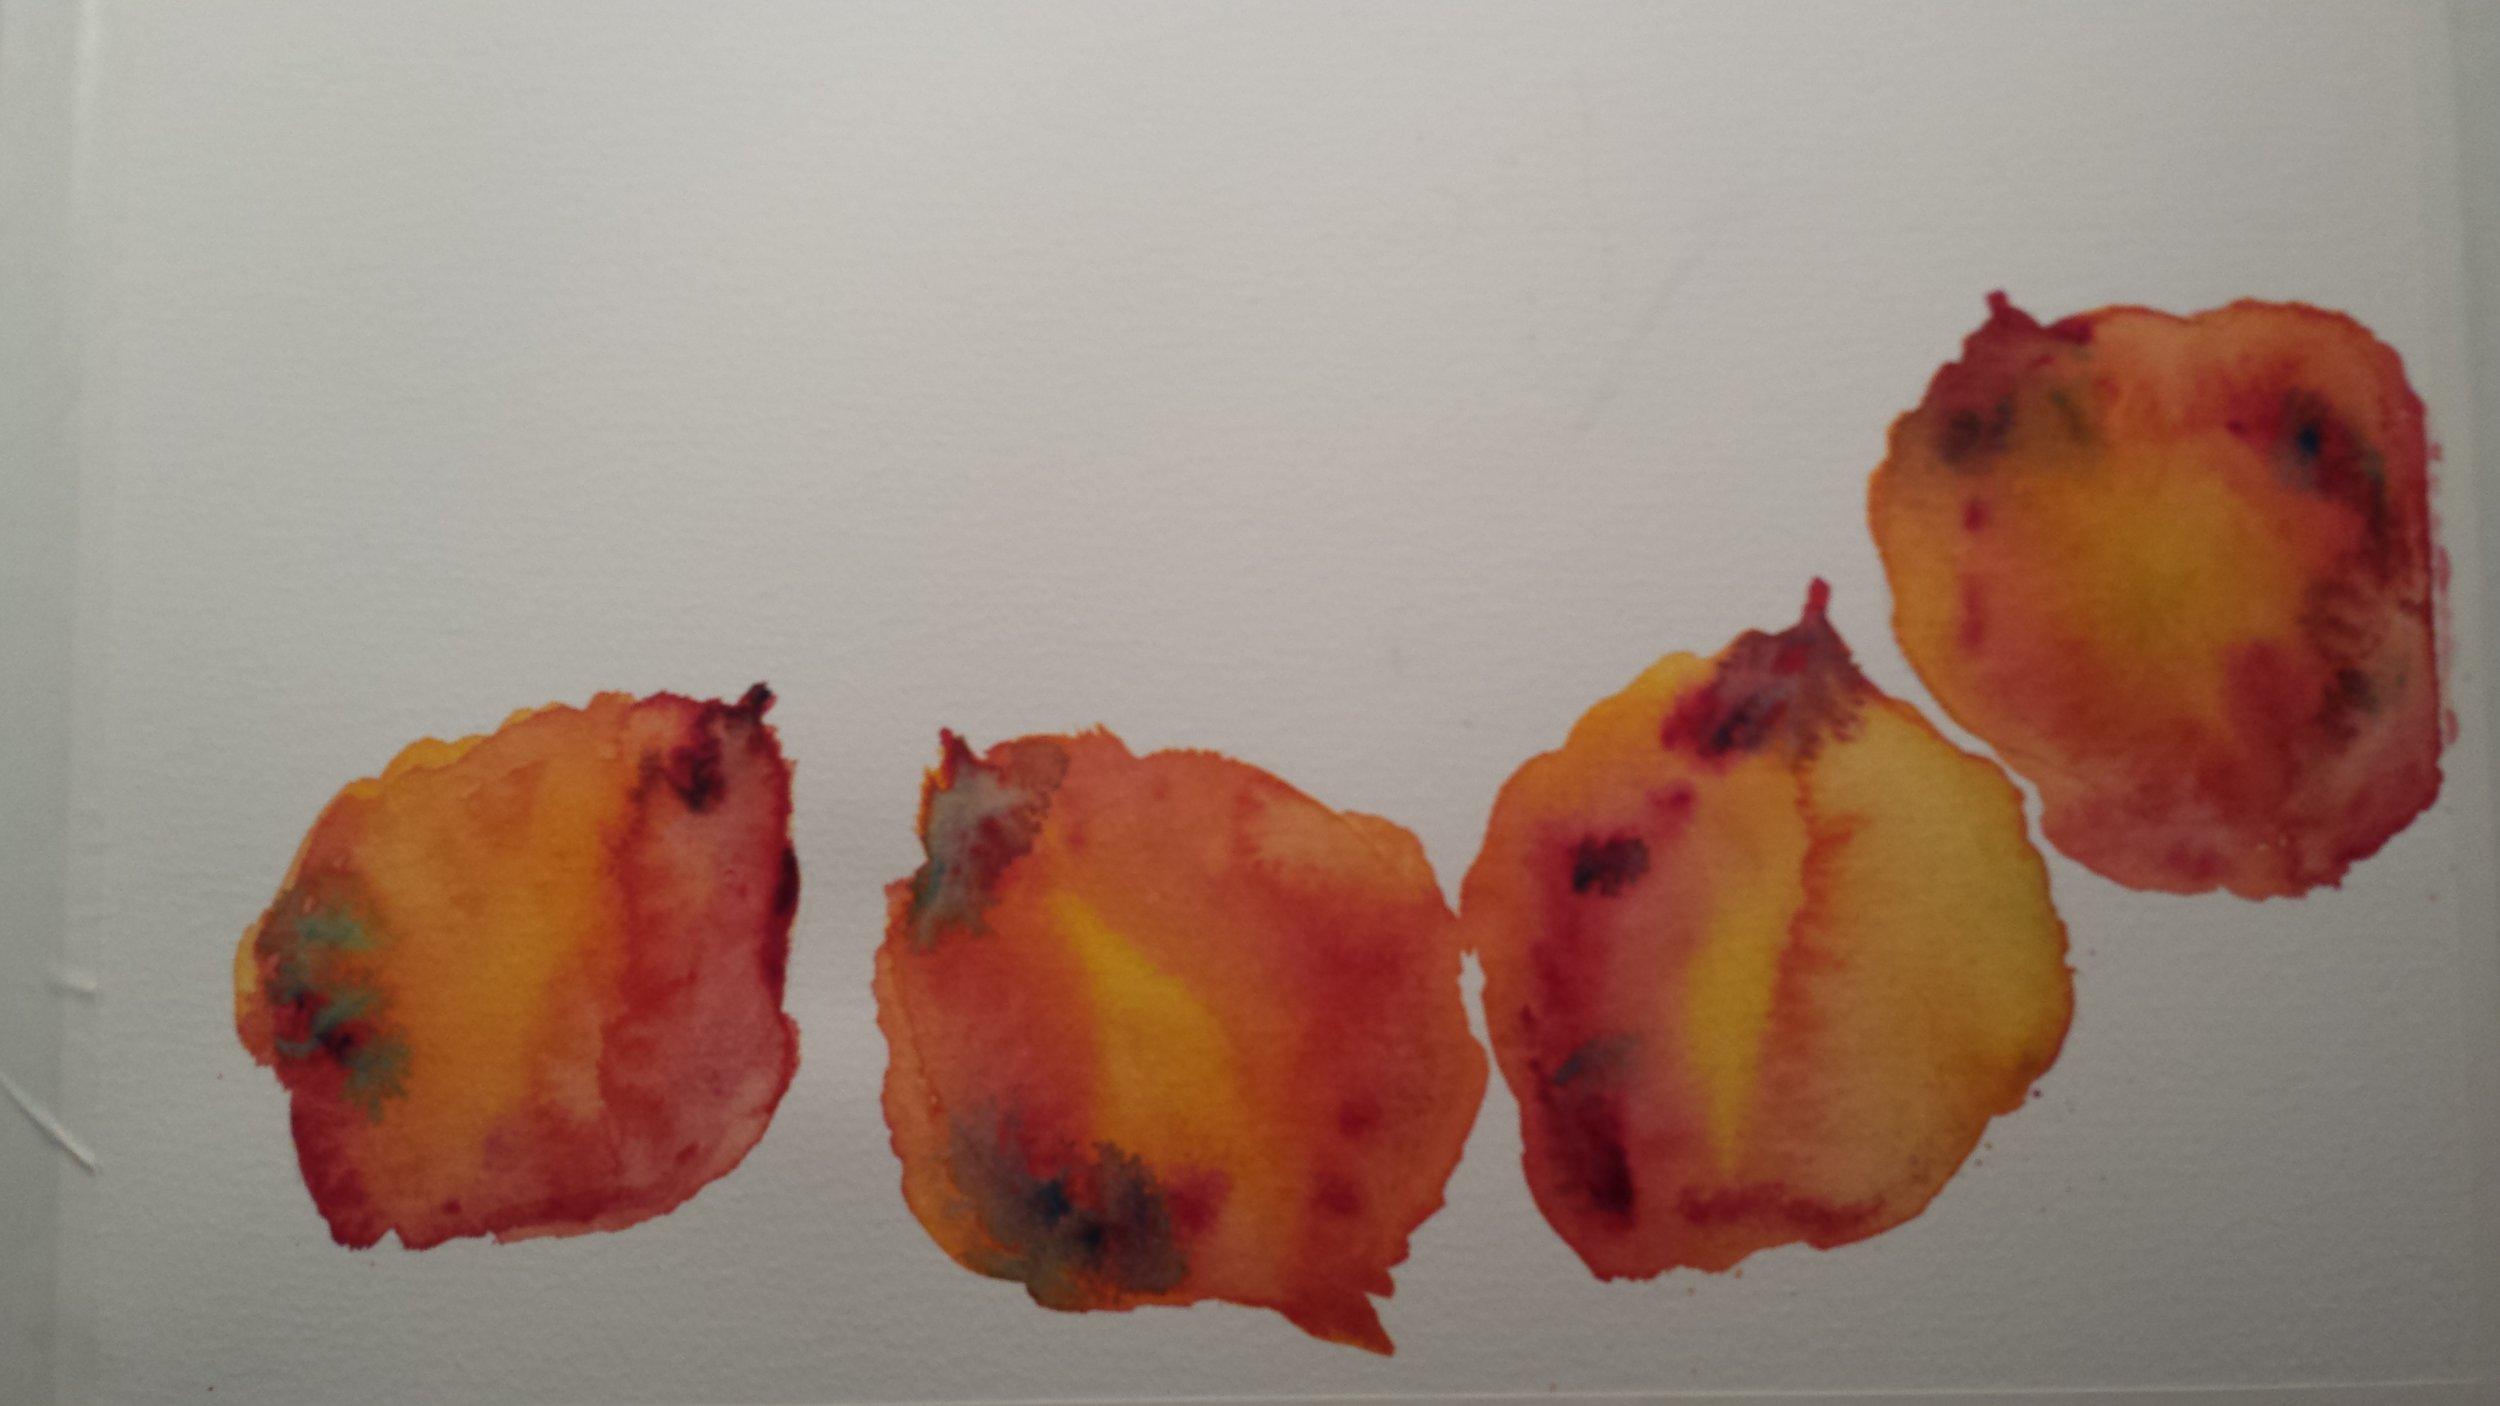 Weird Fall Fruit